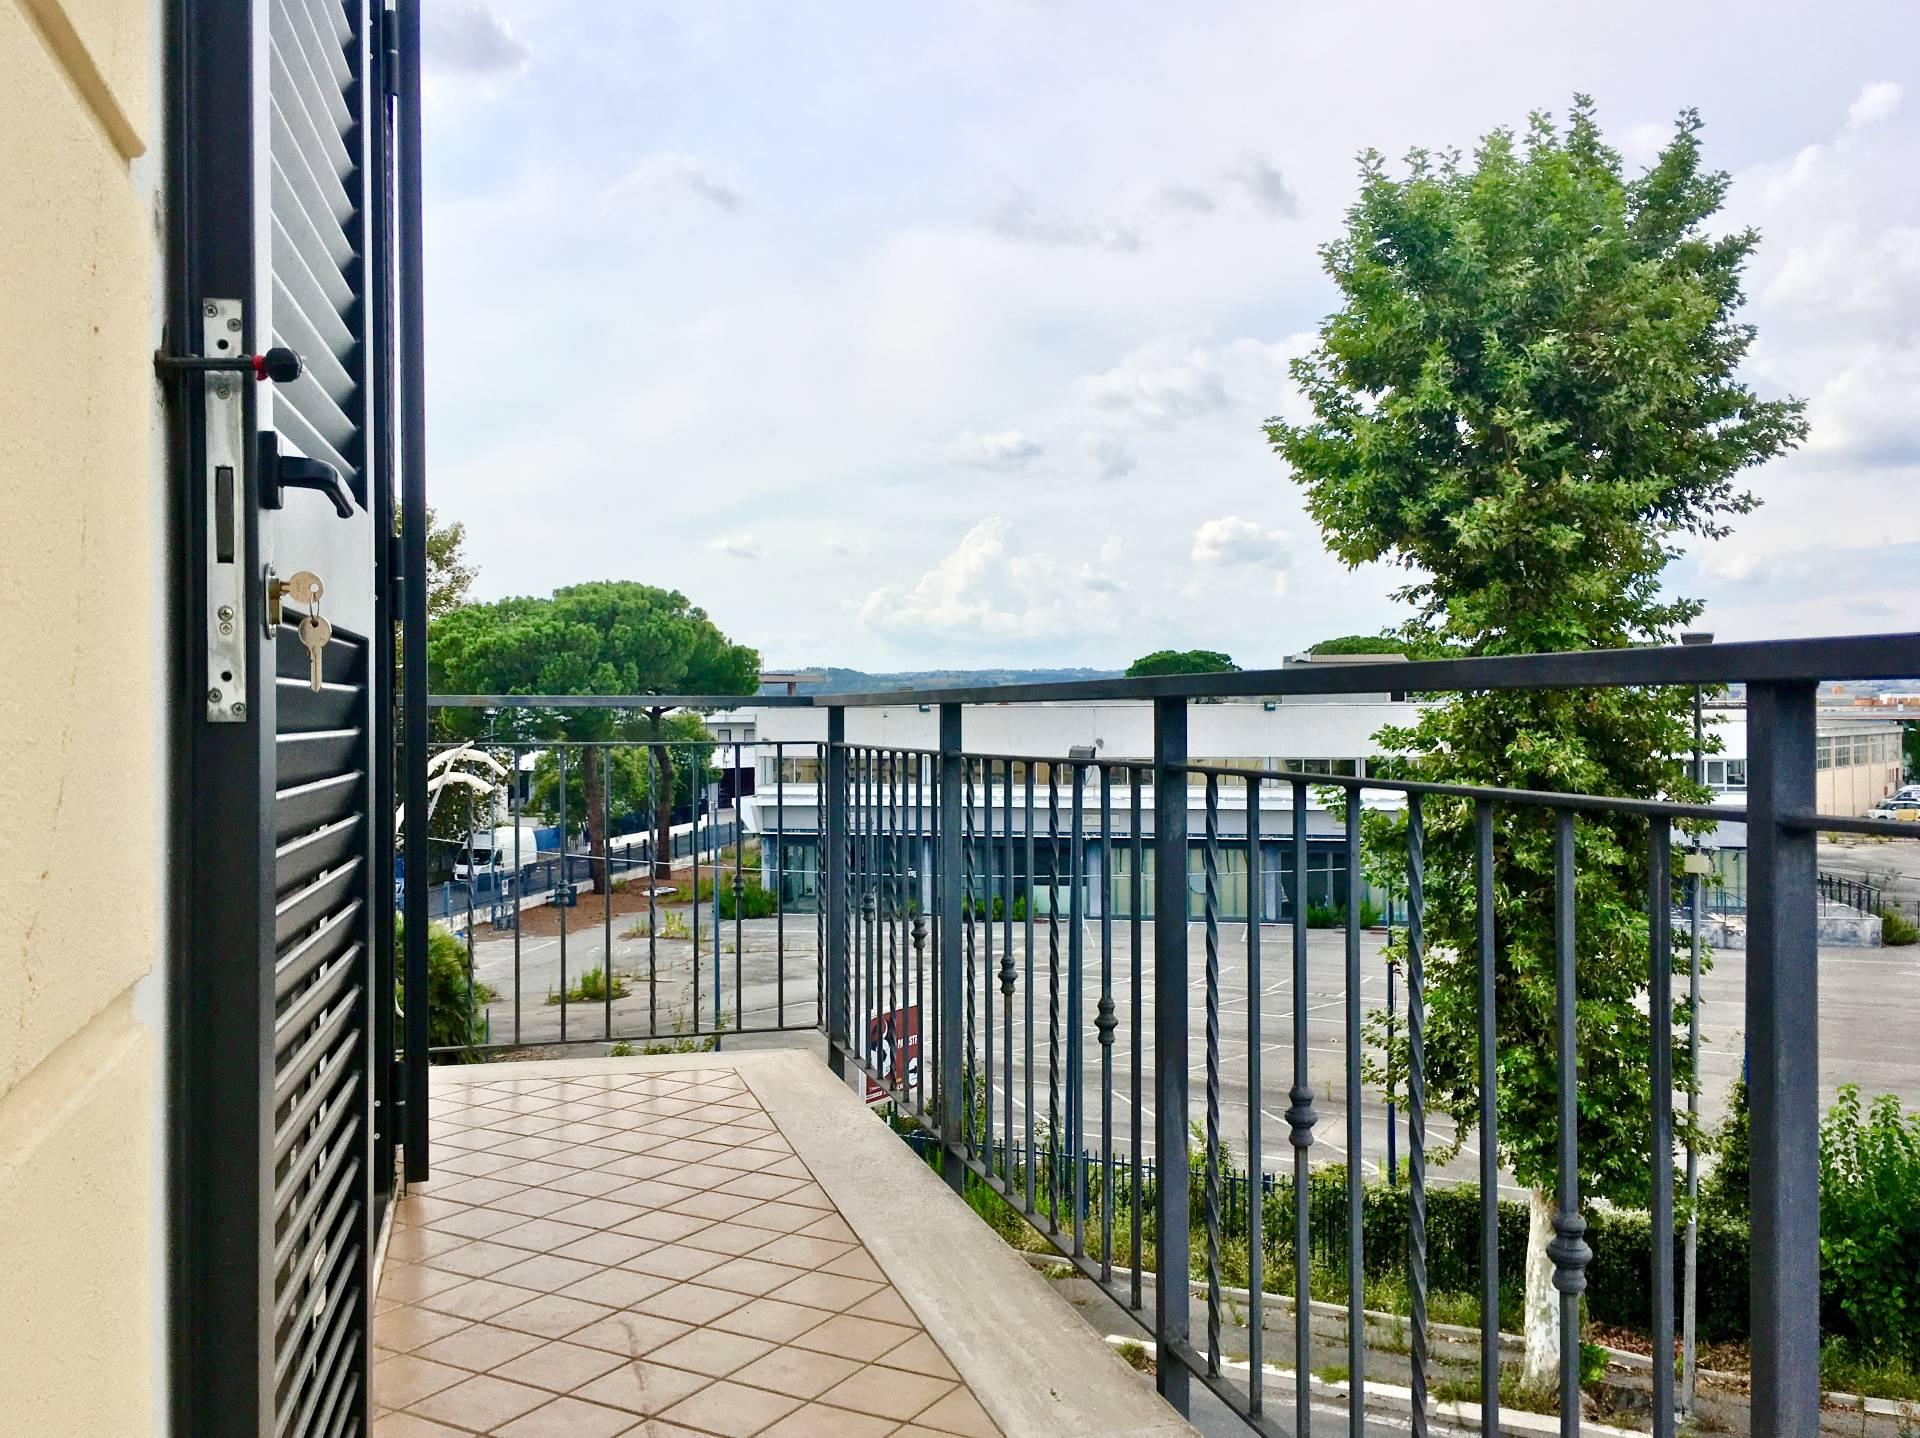 Cbi049 235 ms1120 appartamento in affitto a monterotondo for Affitto ufficio monterotondo